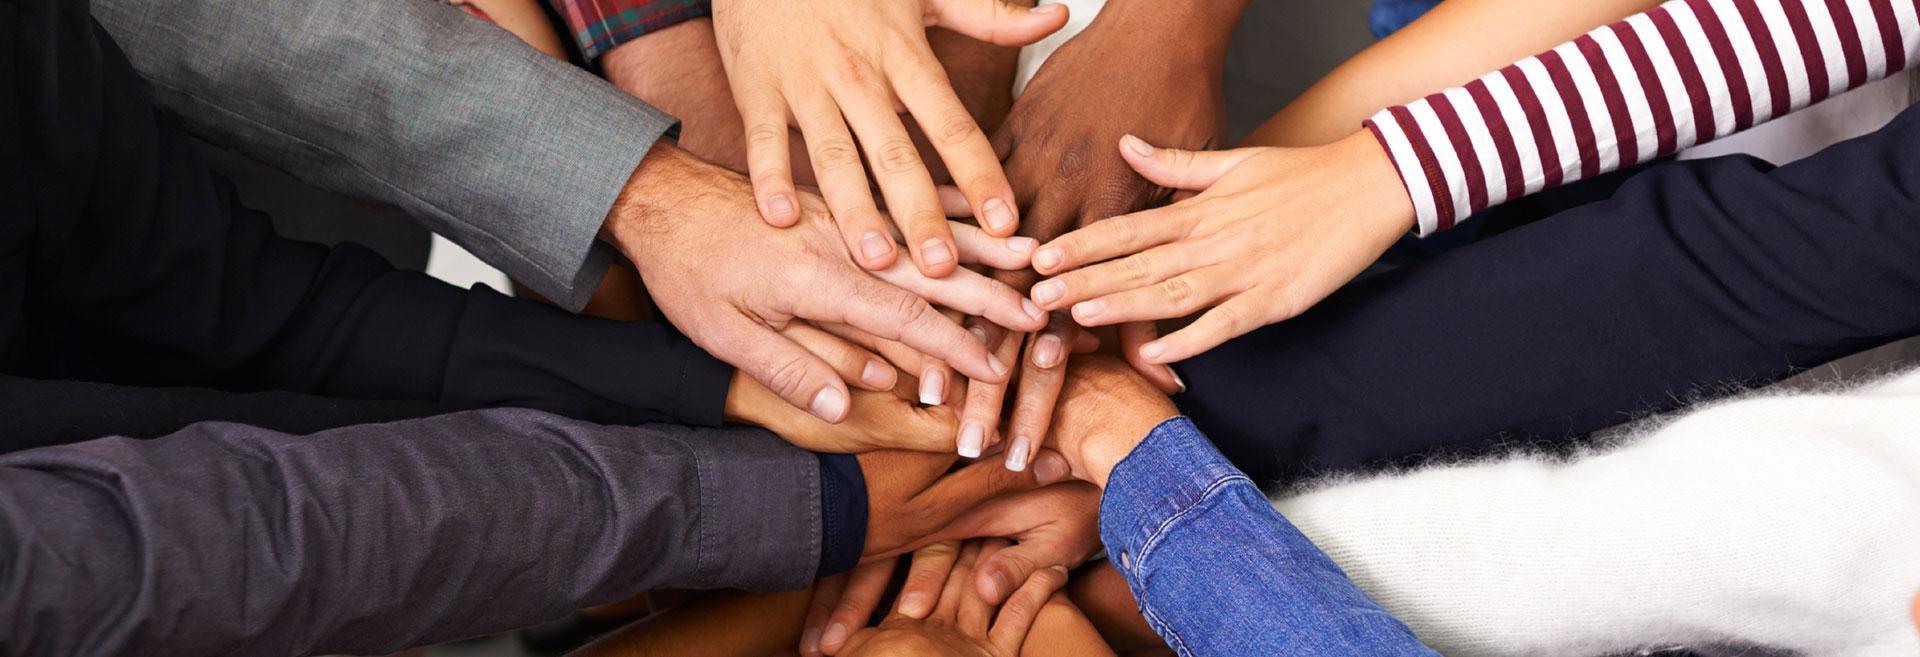 Diversity, Inclusion, EEO